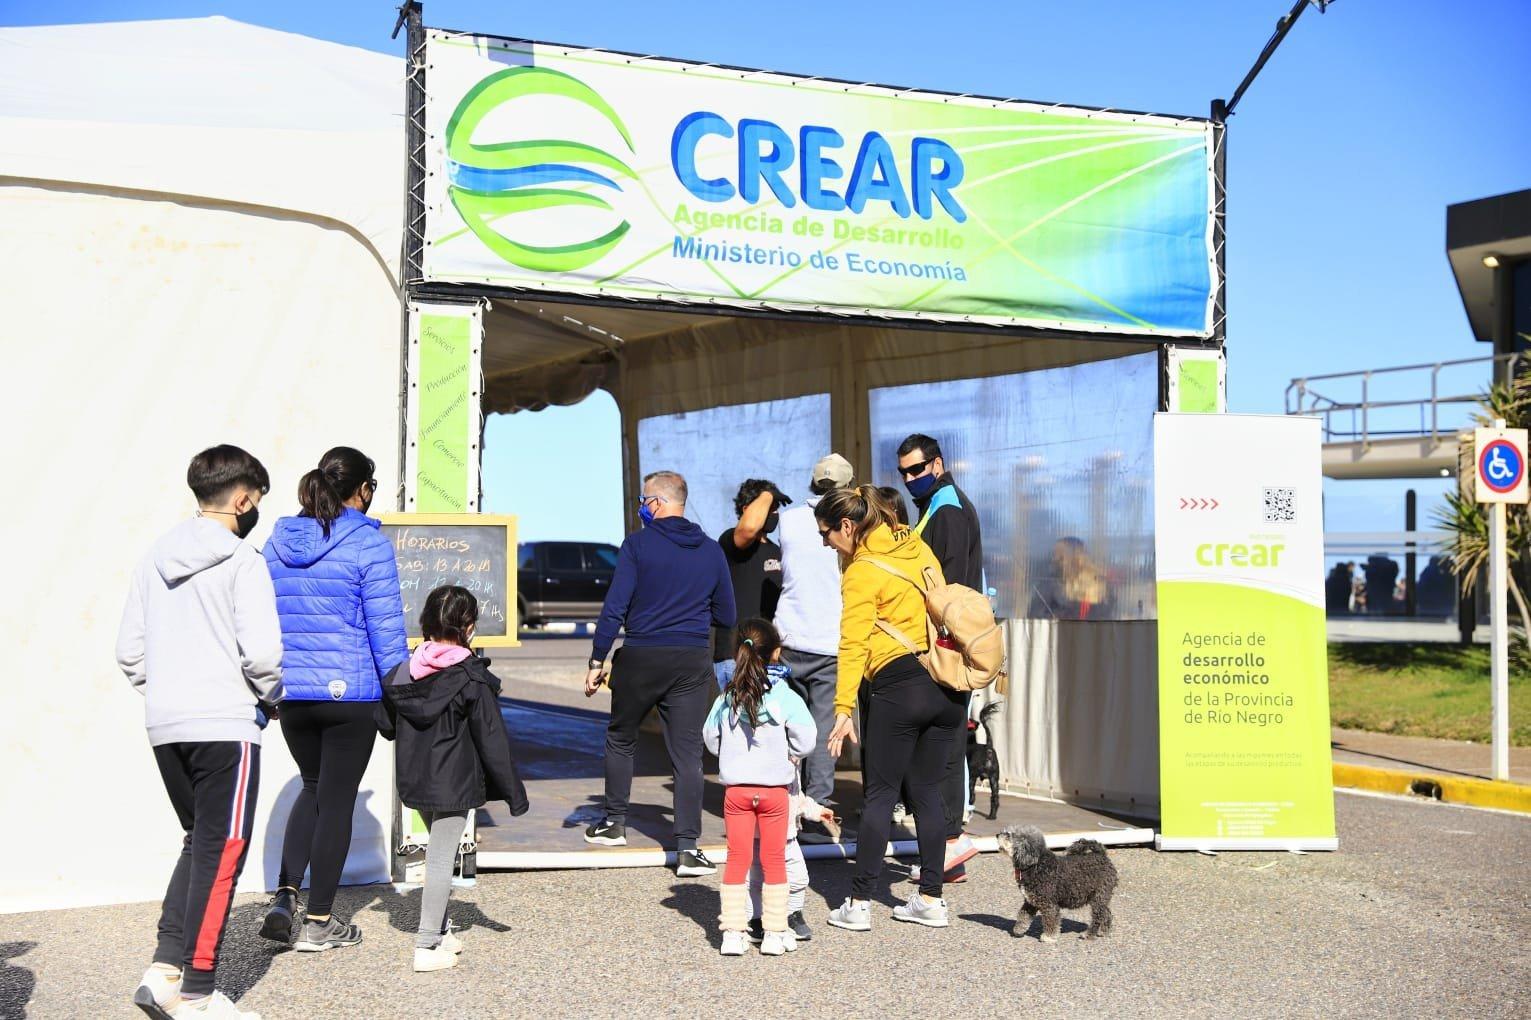 crear l grutas - Catriel25Noticias.com